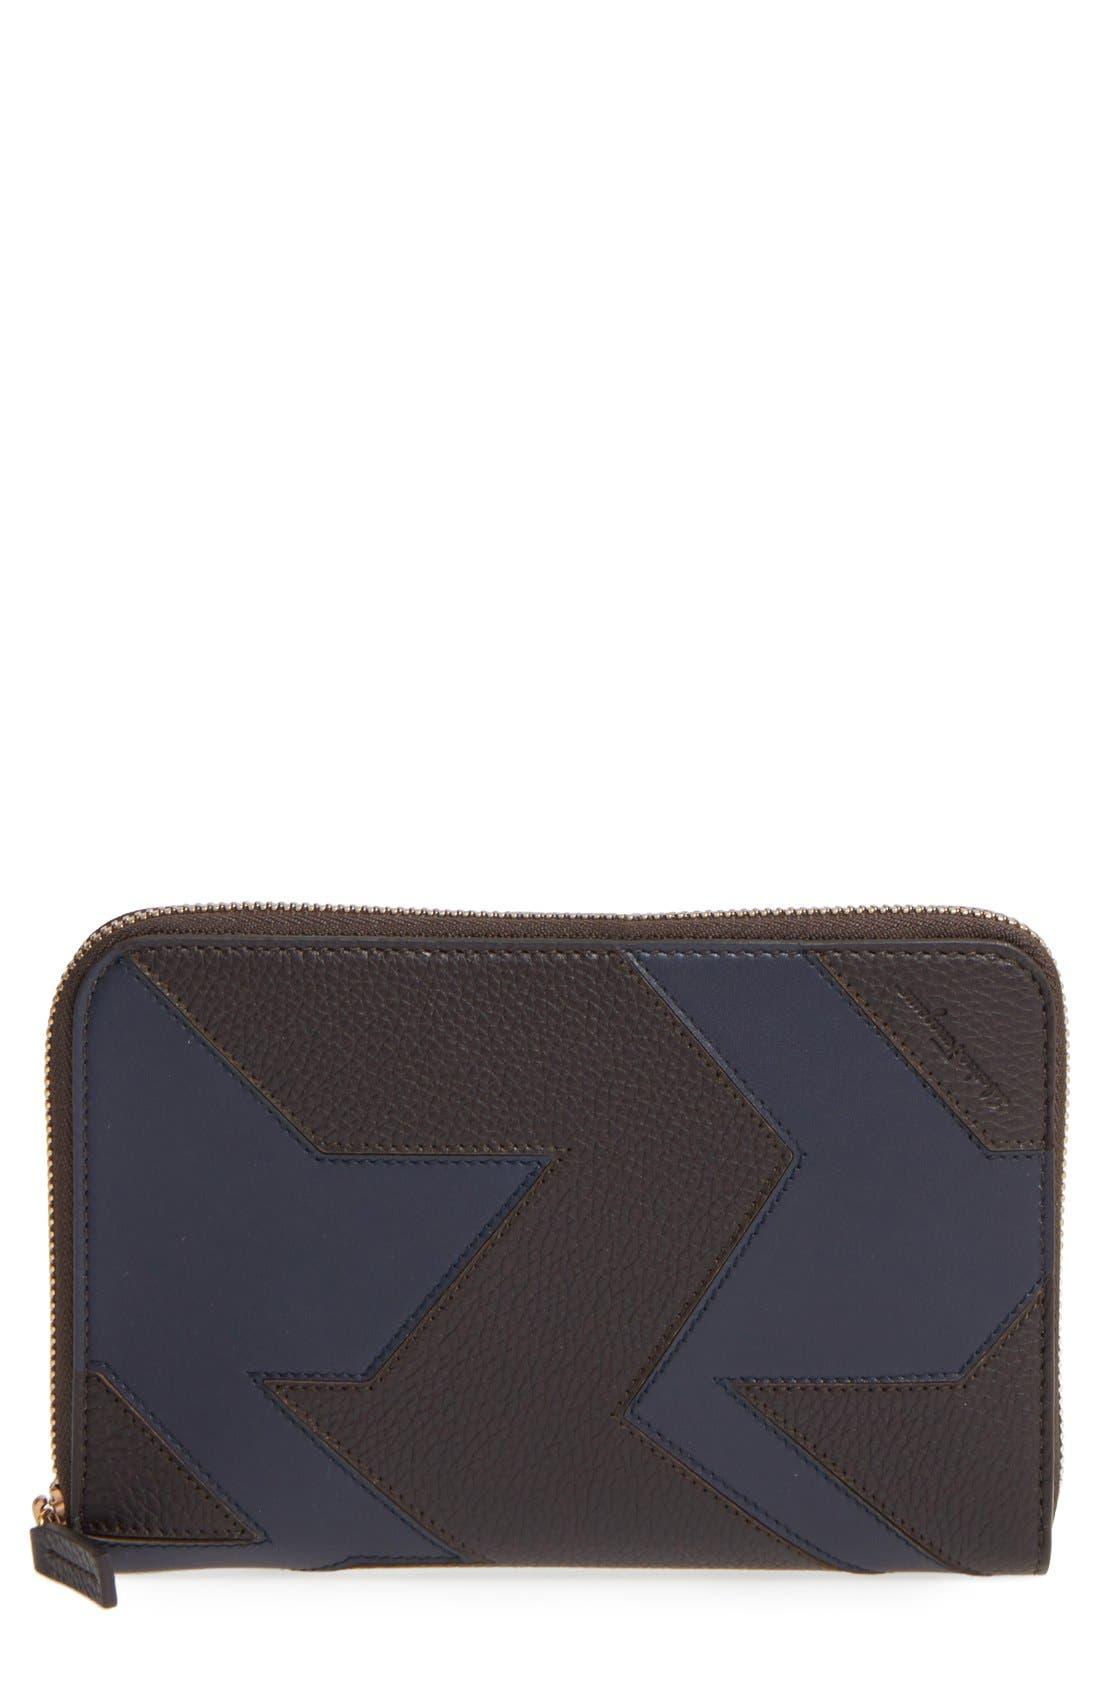 Alternate Image 1 Selected - Salvatore Ferragamo Zip Wallet